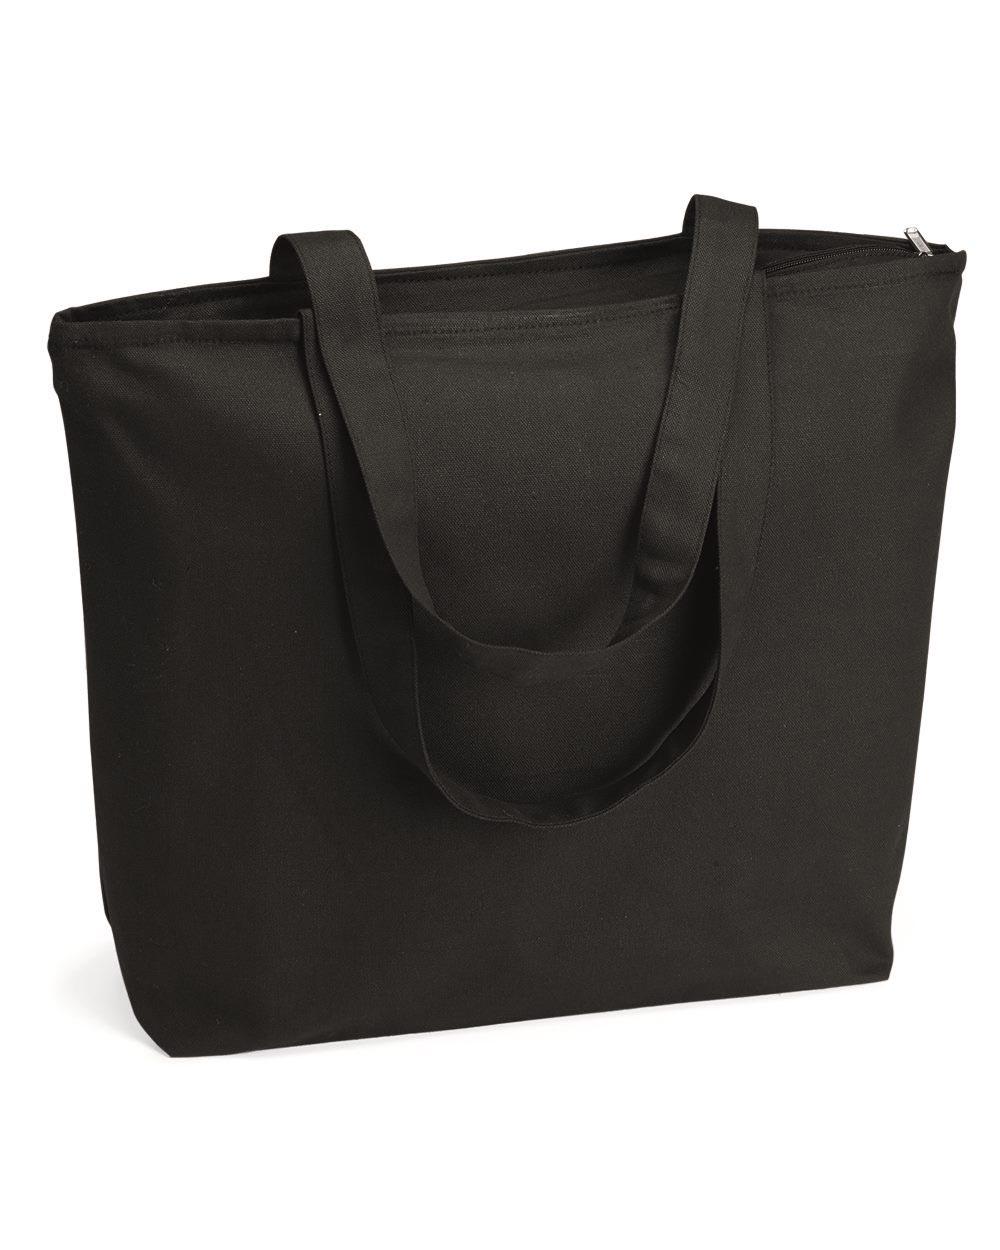 Q-Tees Q611 - 25L Zippered Tote Bag